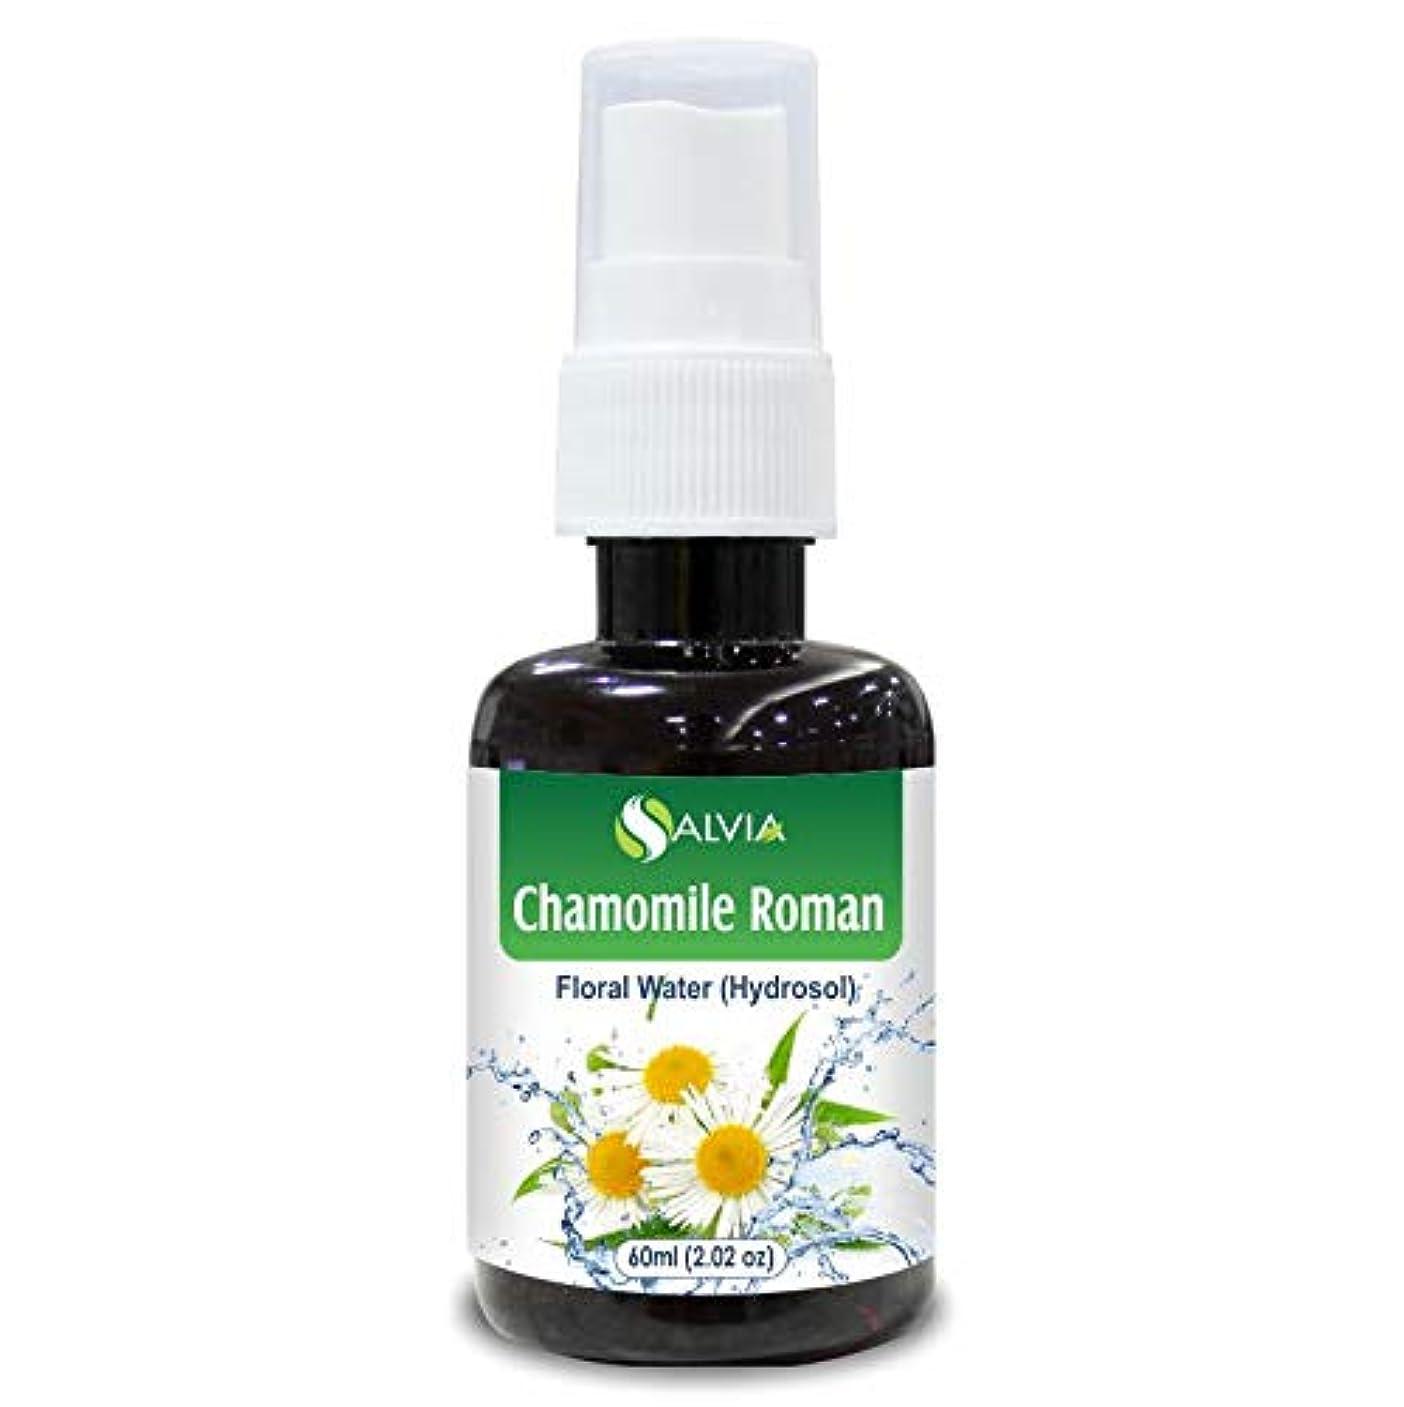 スクワイアペックみすぼらしいChamomile Oil, Roman Floral Water 60ml (Hydrosol) 100% Pure And Natural